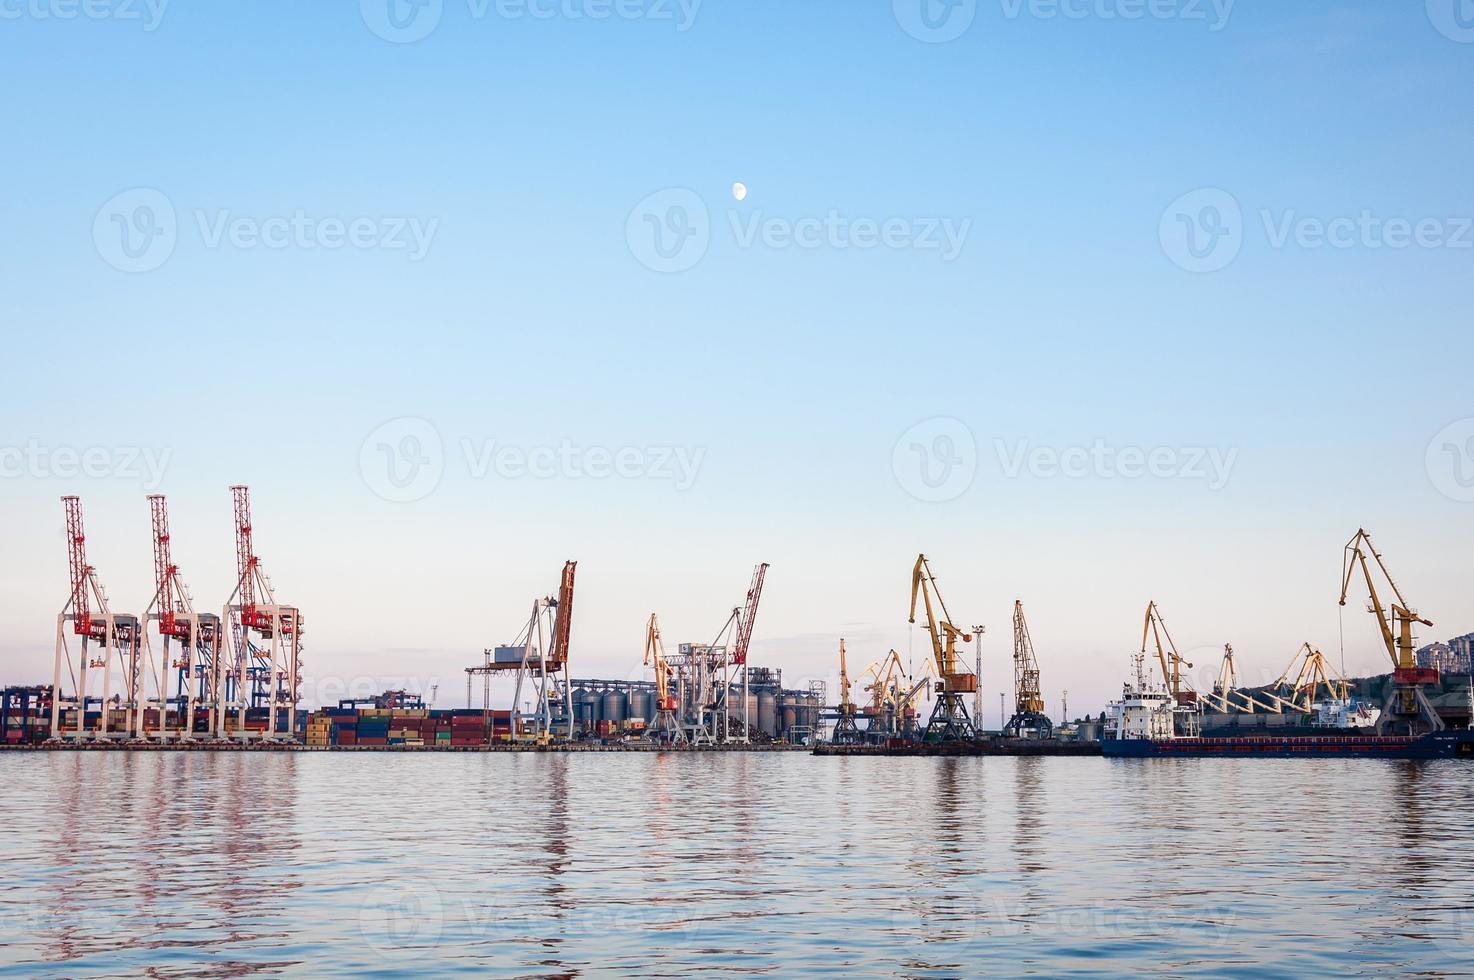 Kräne im Hafen foto